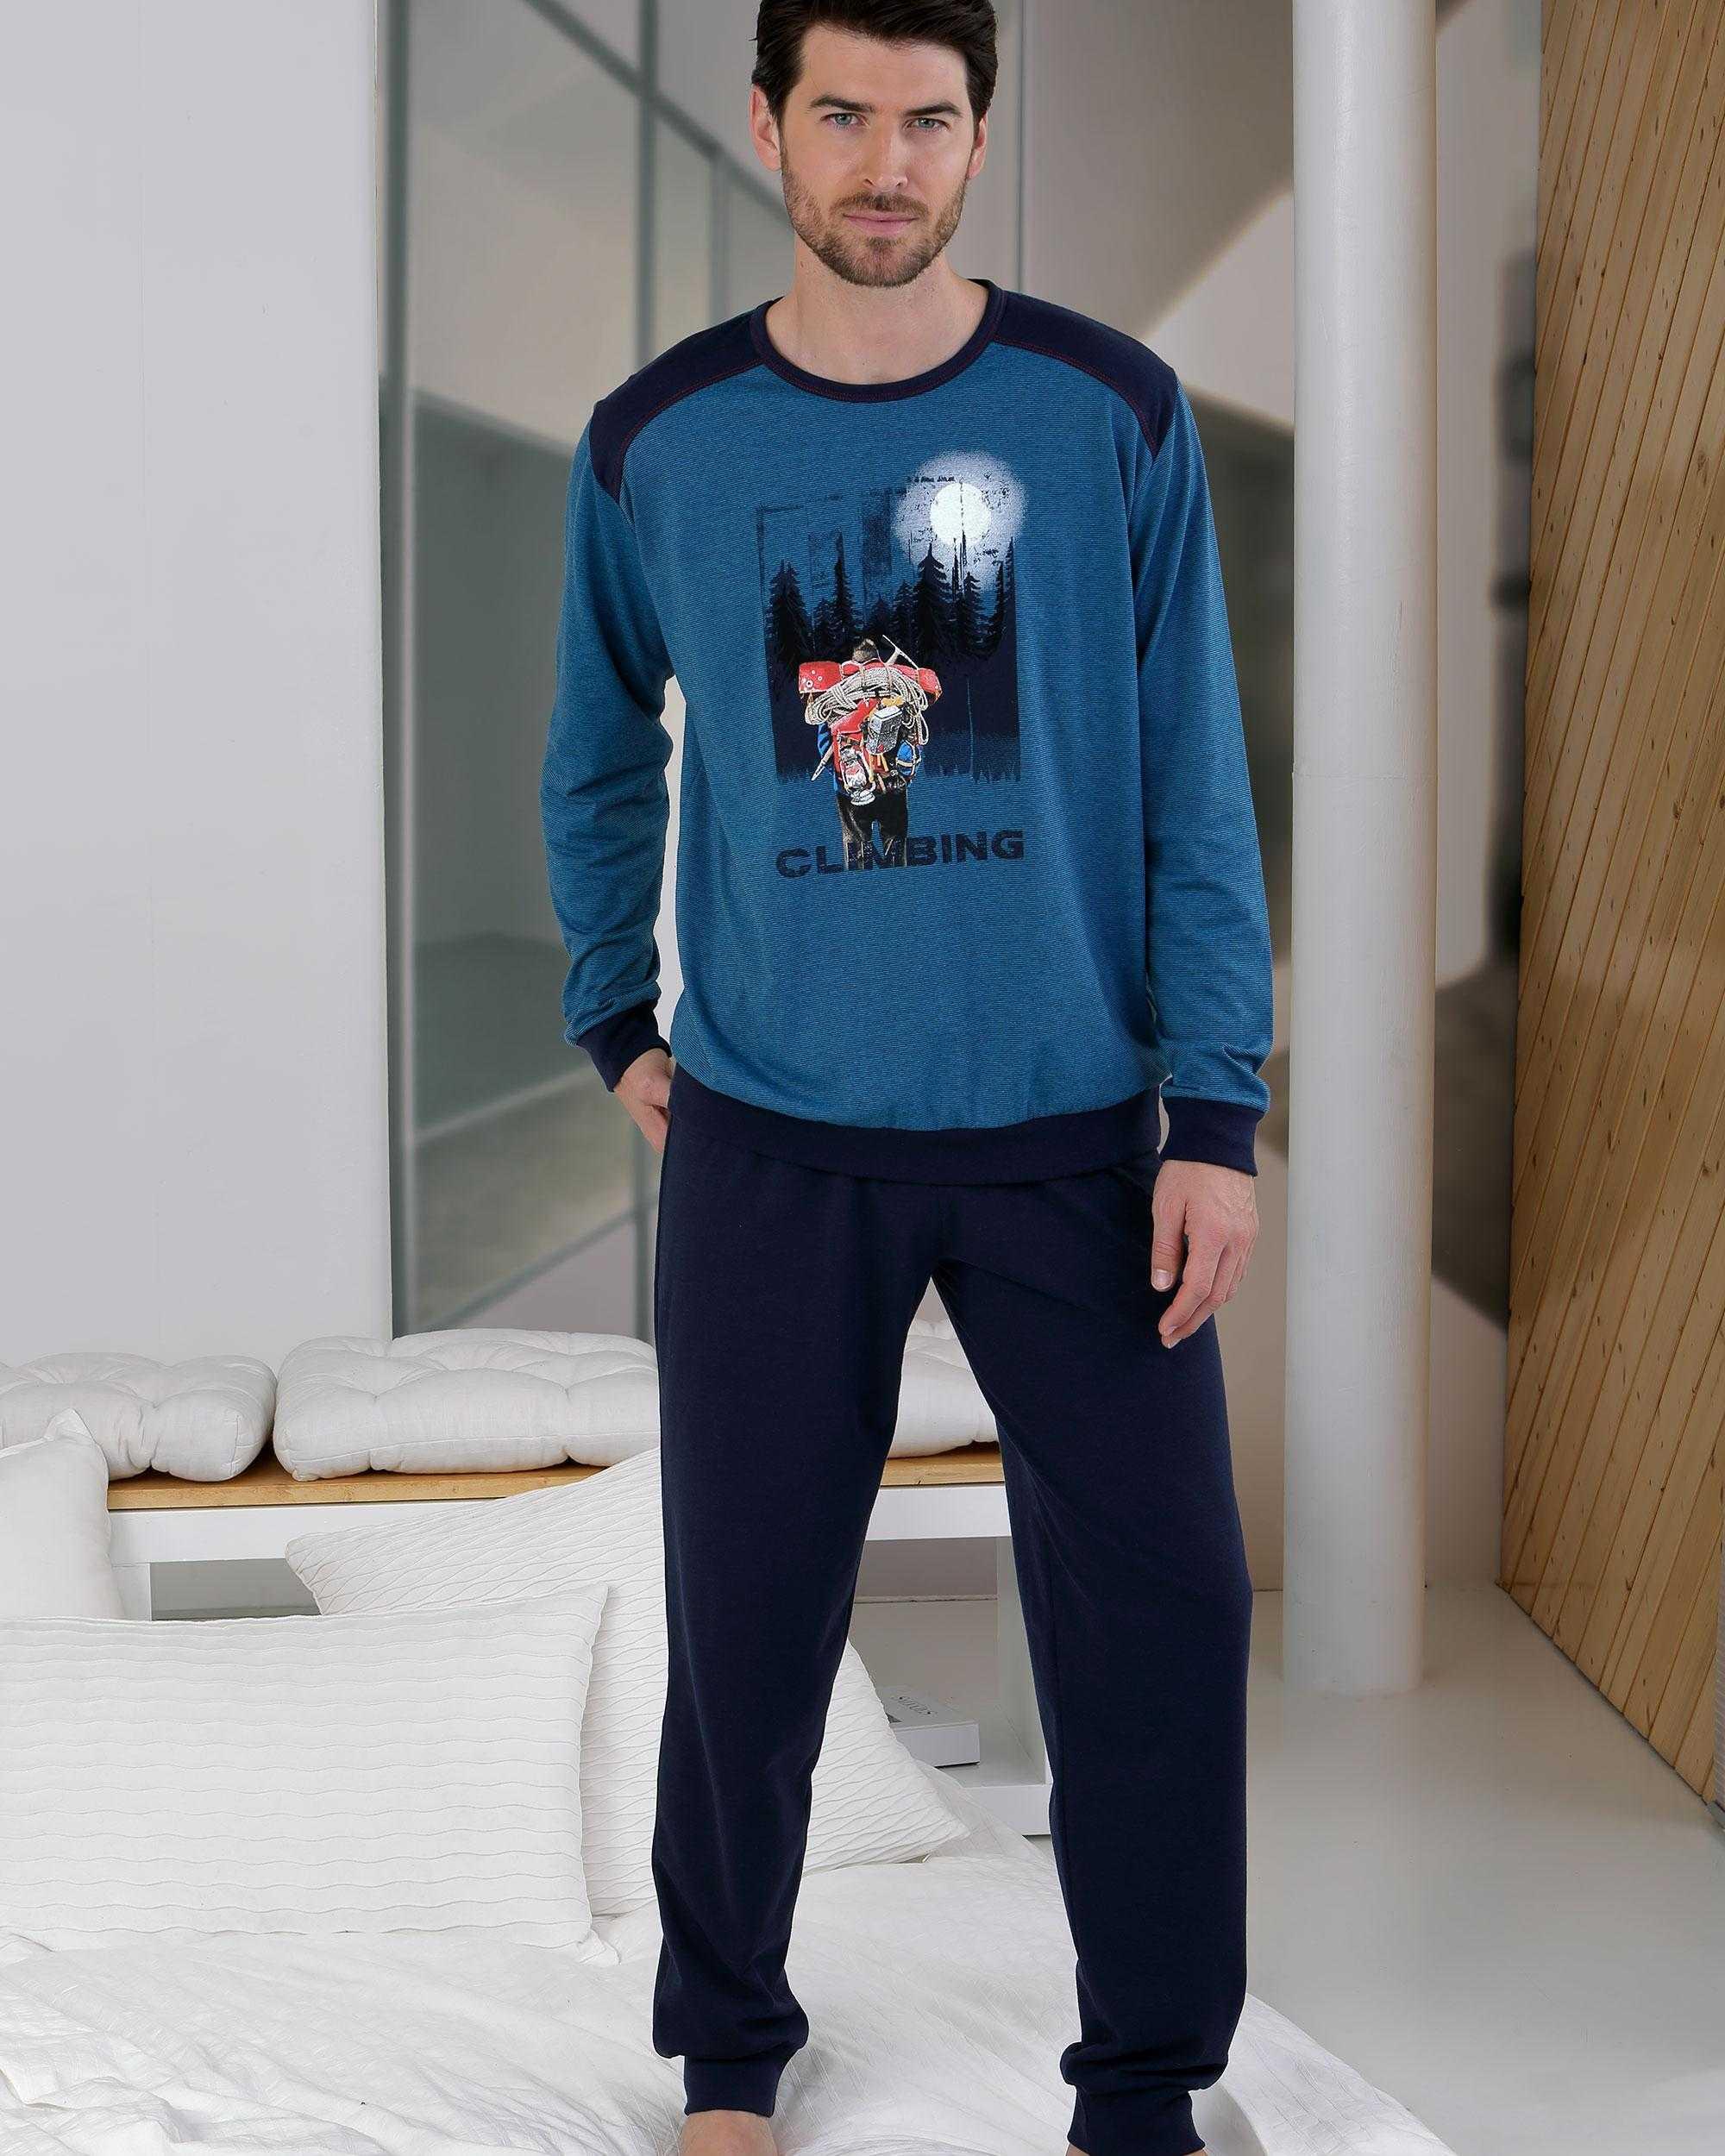 Pijama Caballero Climbing Massana TALLAS: m, l, xl; COLOR: azul  - HOMBRE  - PEPI GUERRA